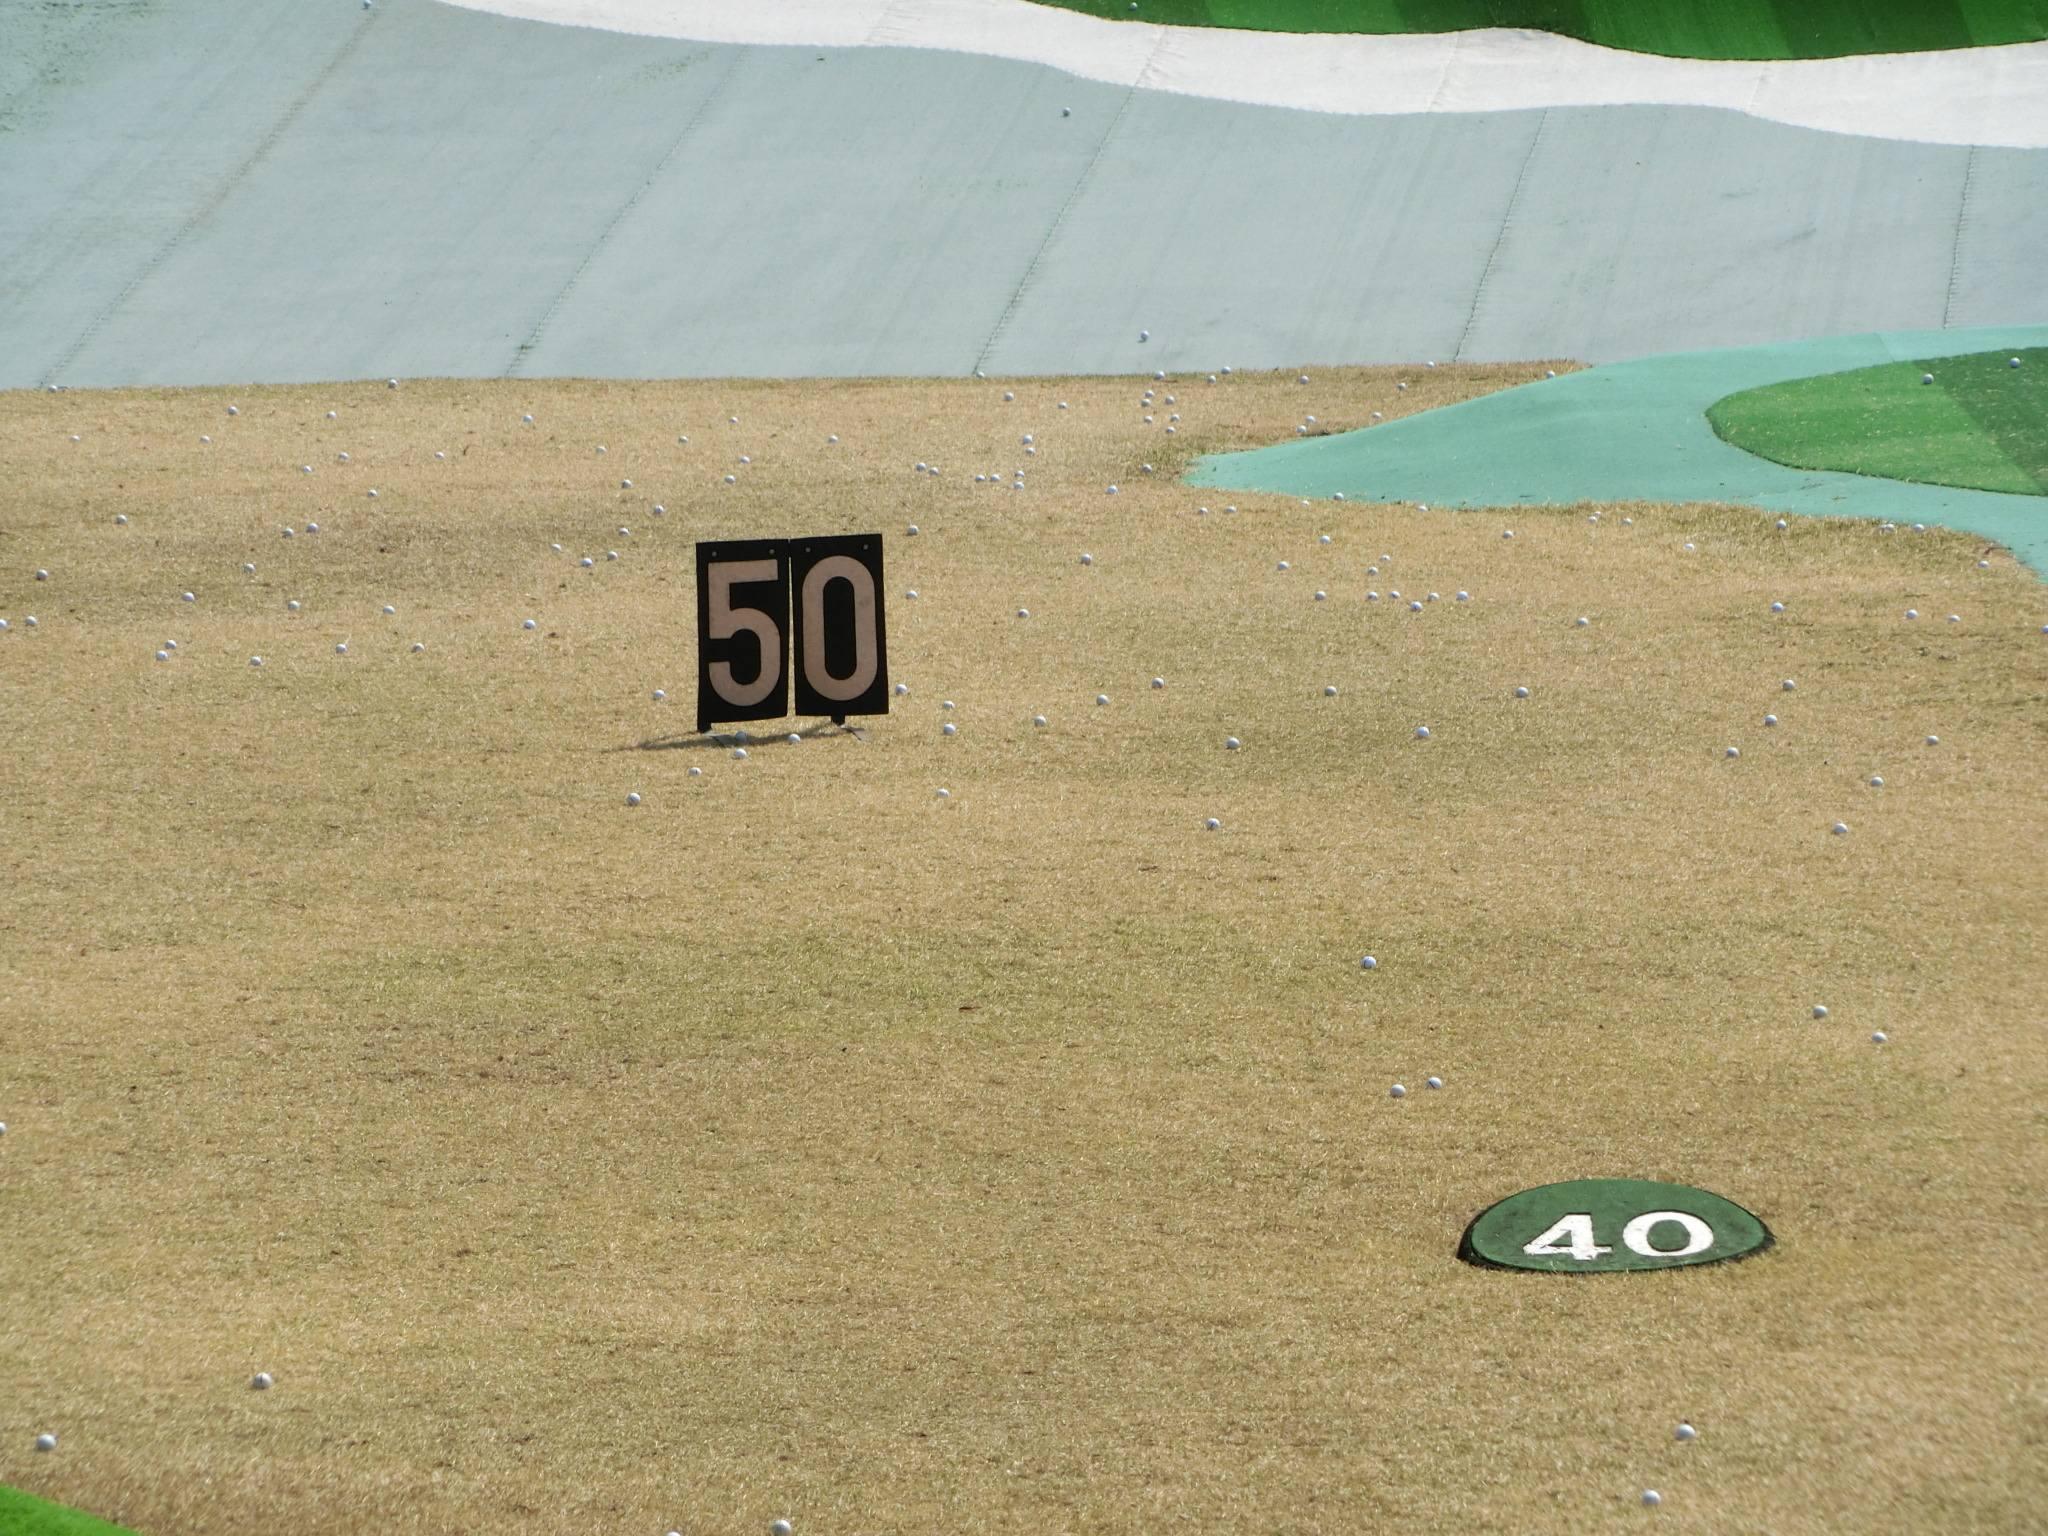 ゴルフの飛距離